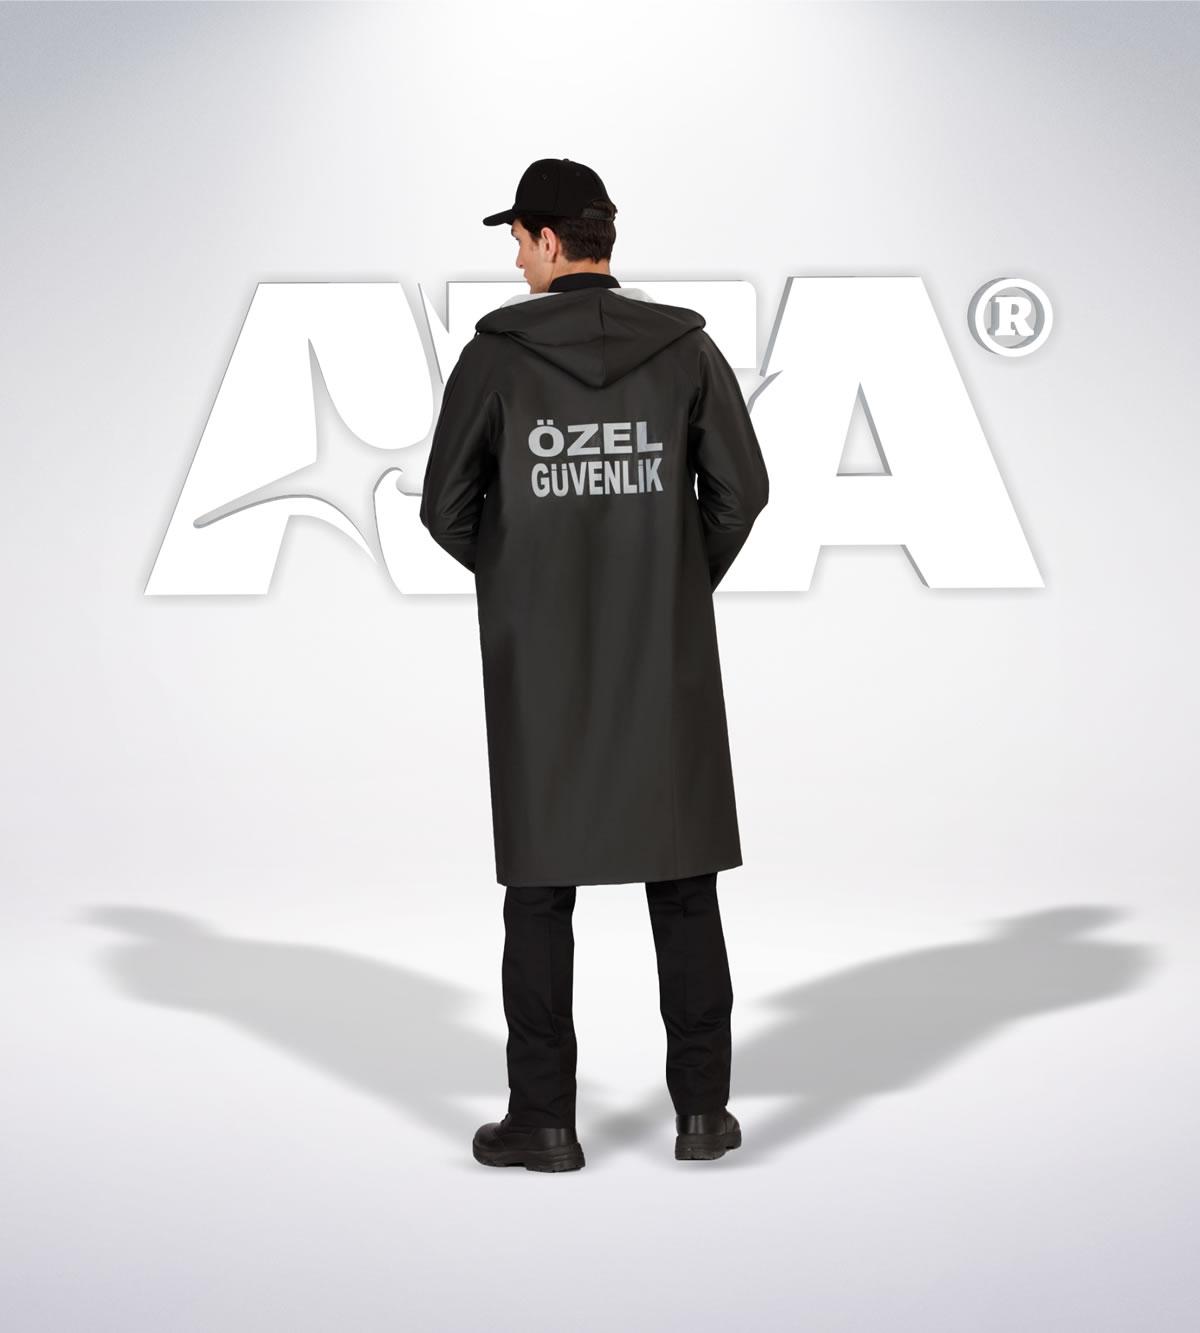 ATA 158 - Yagmurluk - güvenlik elbiseleri | güvenlik üniformaları | güvenlik kıyafetleri